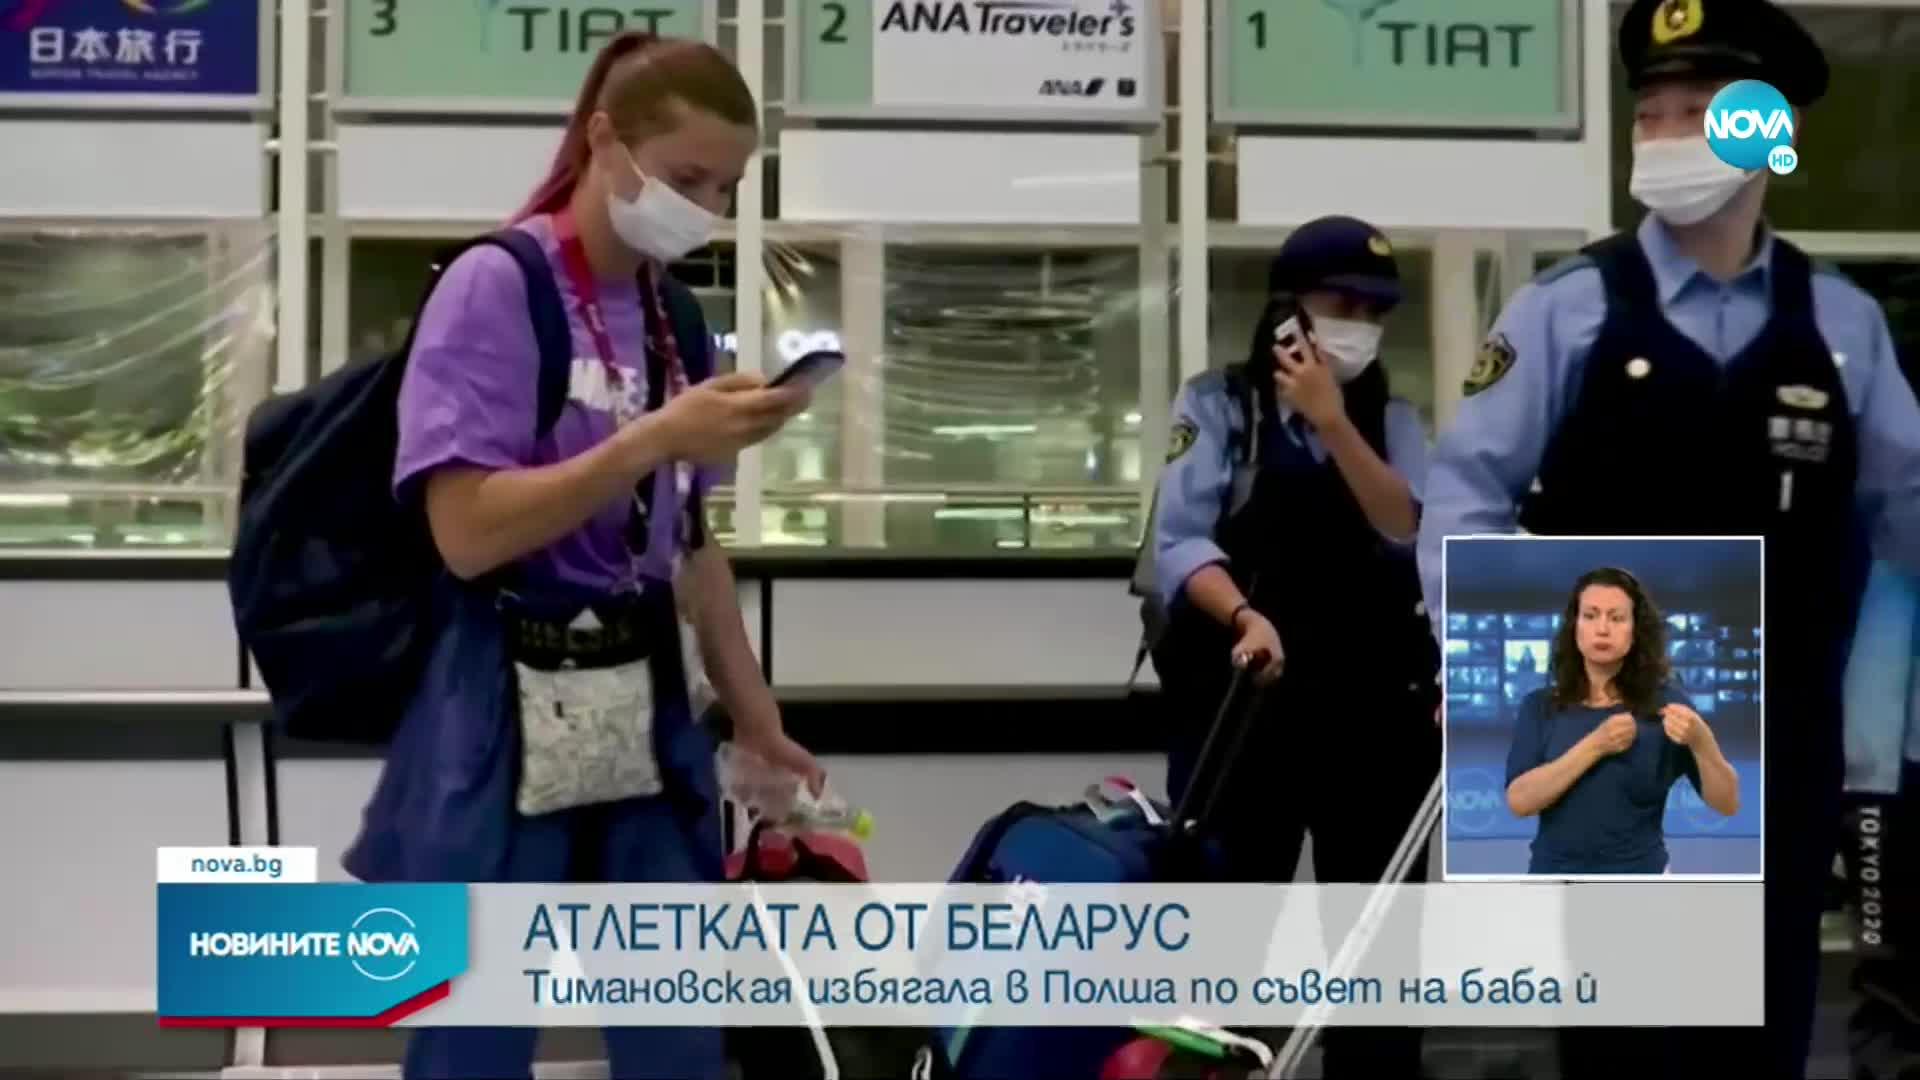 Беларуската атлетка, избягала в Полша, послушала съвет от баба си